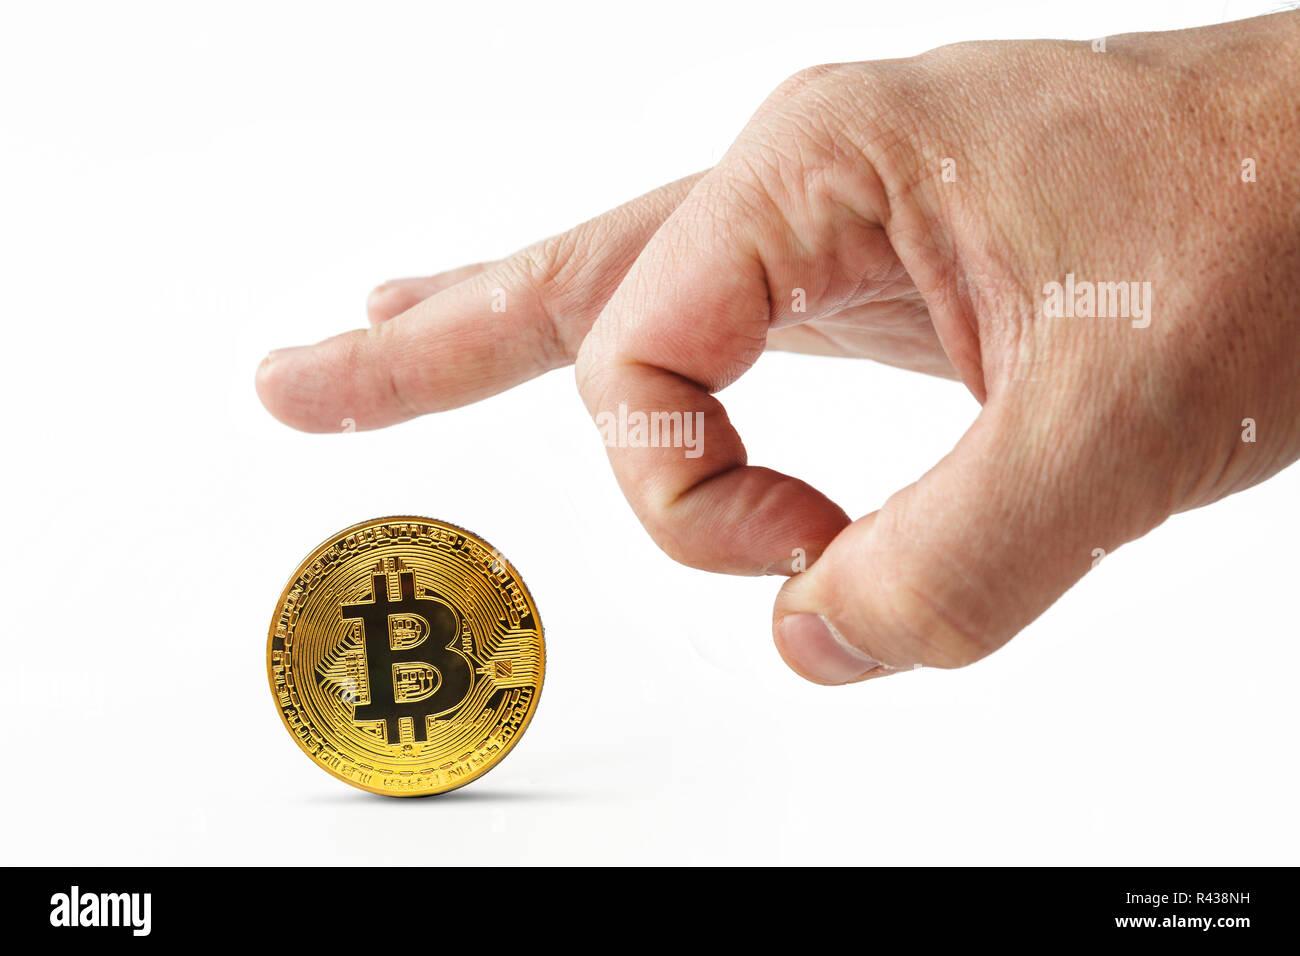 Empujar los dedos masculinos lejos bitcoin dorados sobre fondo blanco. Echando mano del hombre aislado inútil cryptocoin lejos. Crash de cryptocurrency. Se deprecia el dinero virtual. Inútil bitcoins son patadas. Foto de stock